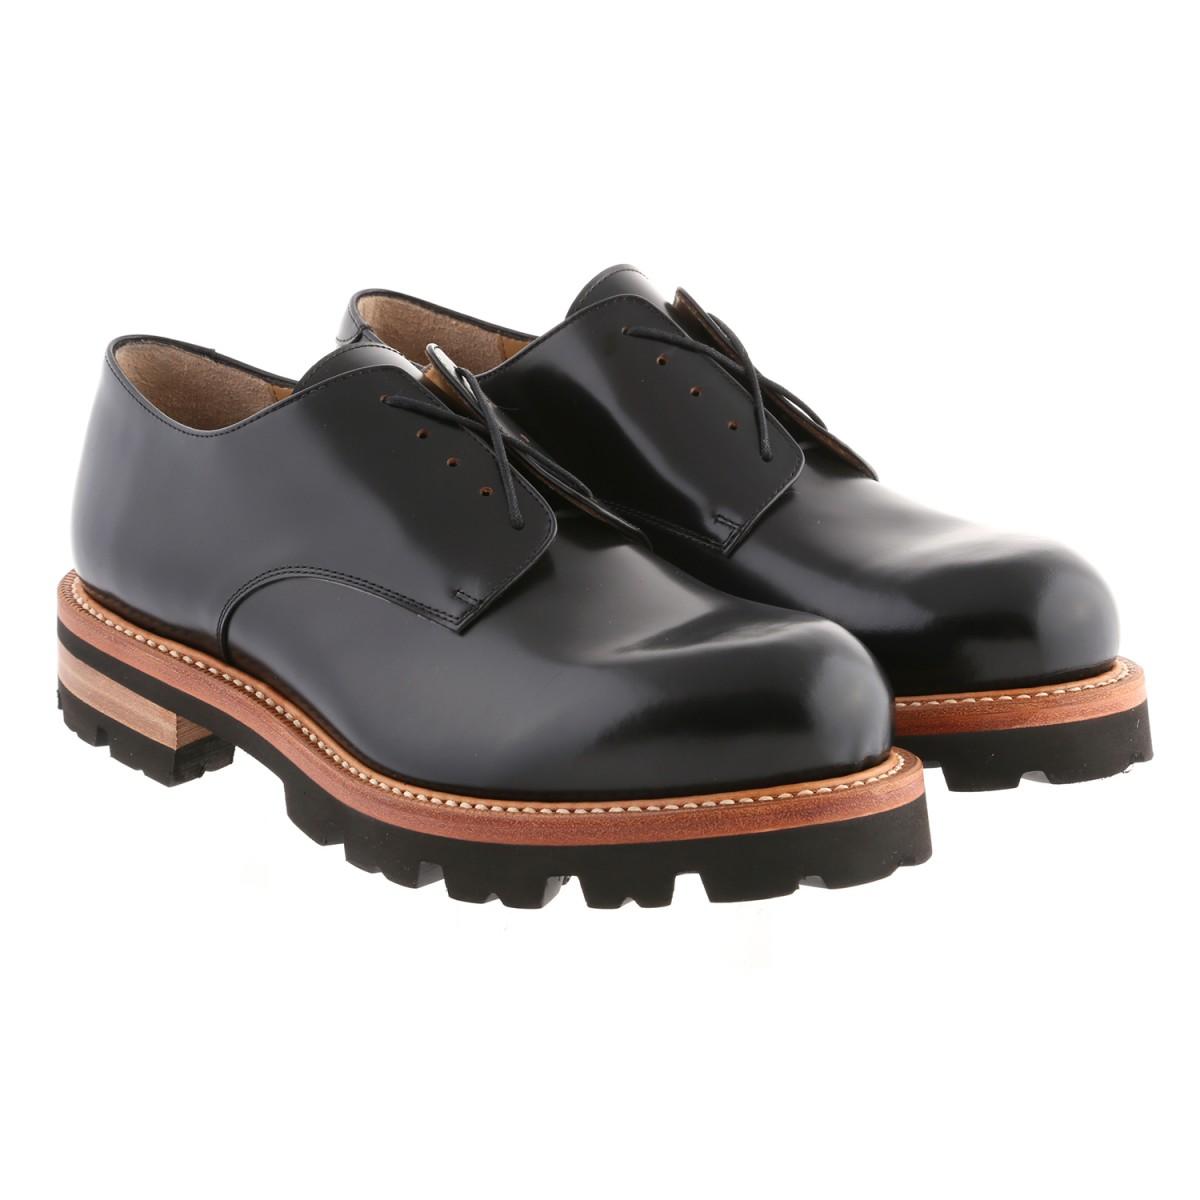 Cappelletti Men's Derby Shoes